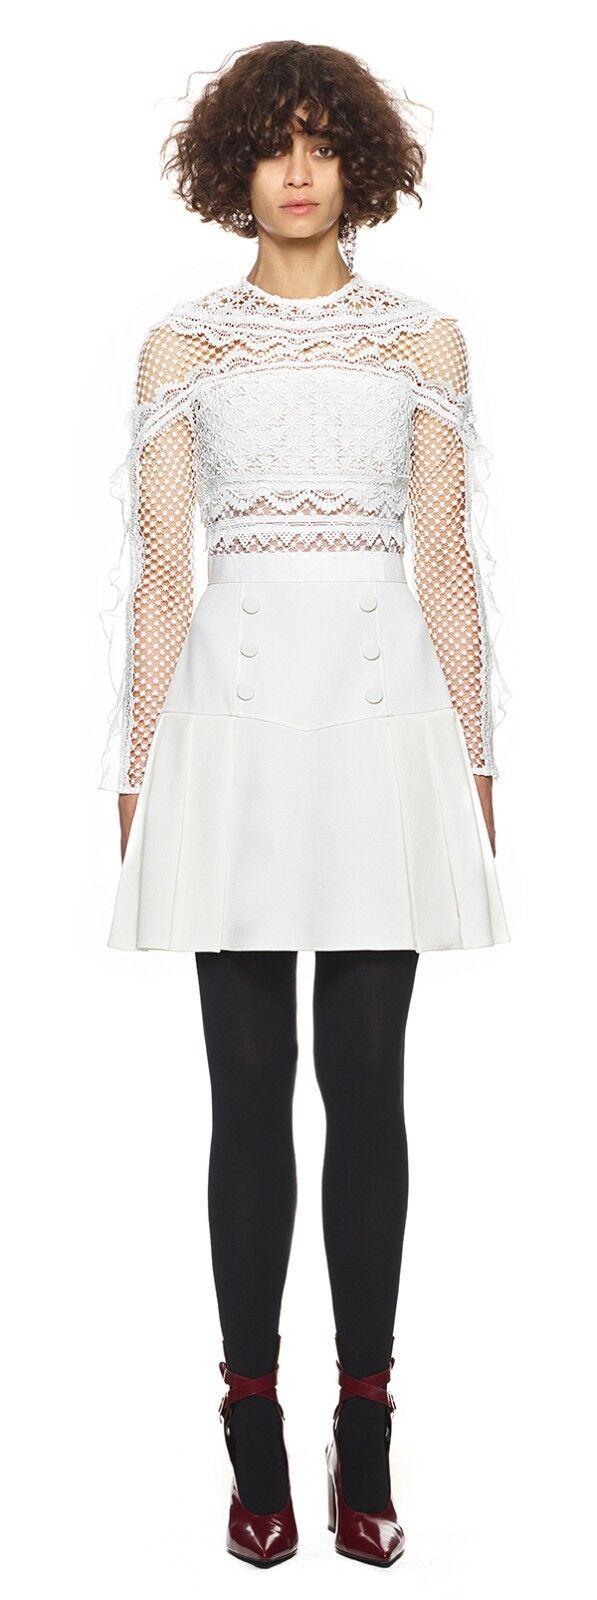 NWT 100% Authentic Self Portrait bellis lace trim dress white US2 UK6 MSP